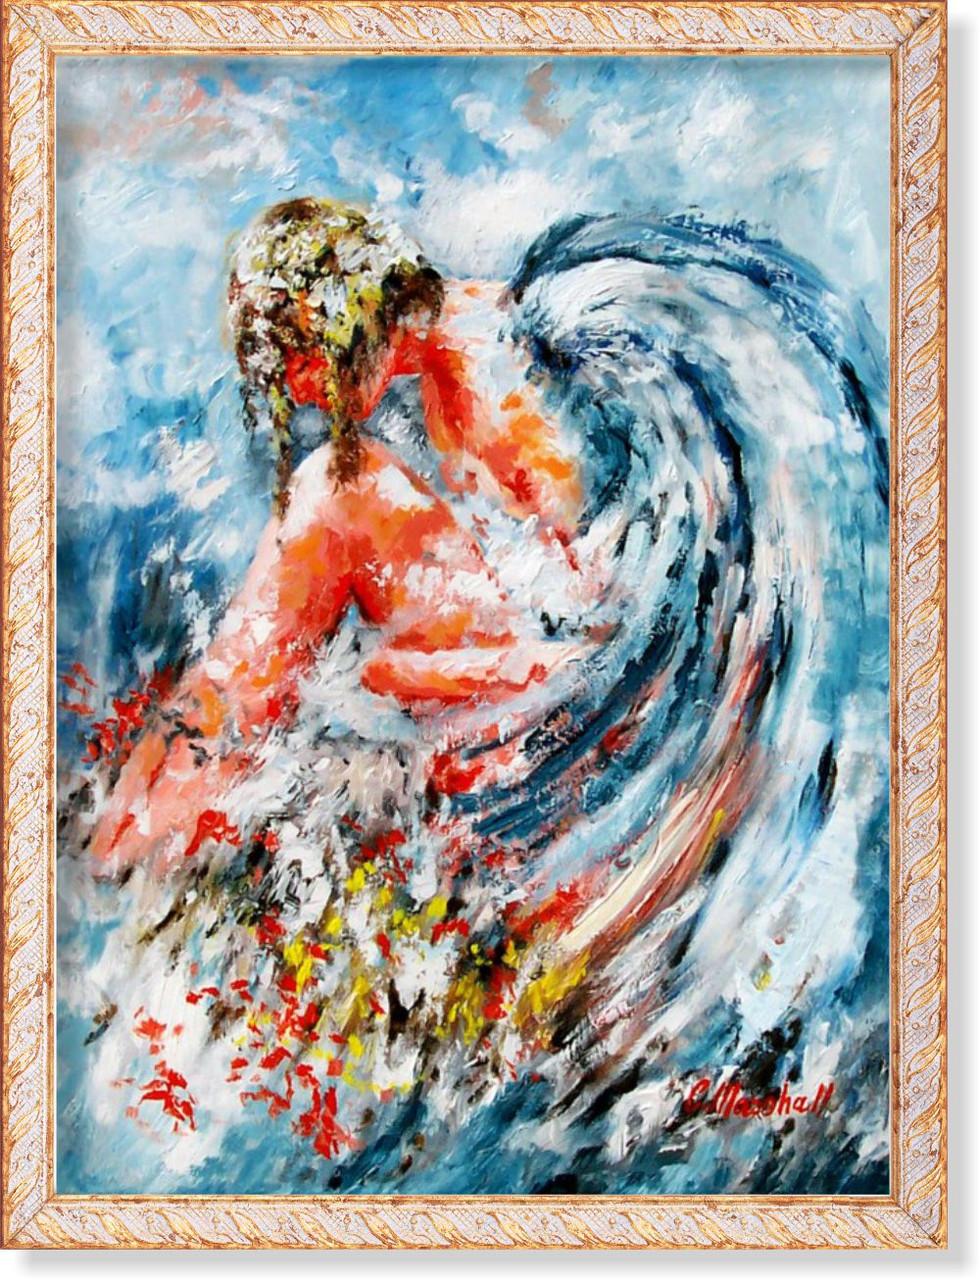 Репродукція картини сучасних світових художників «Ангел» 55 х 75 см